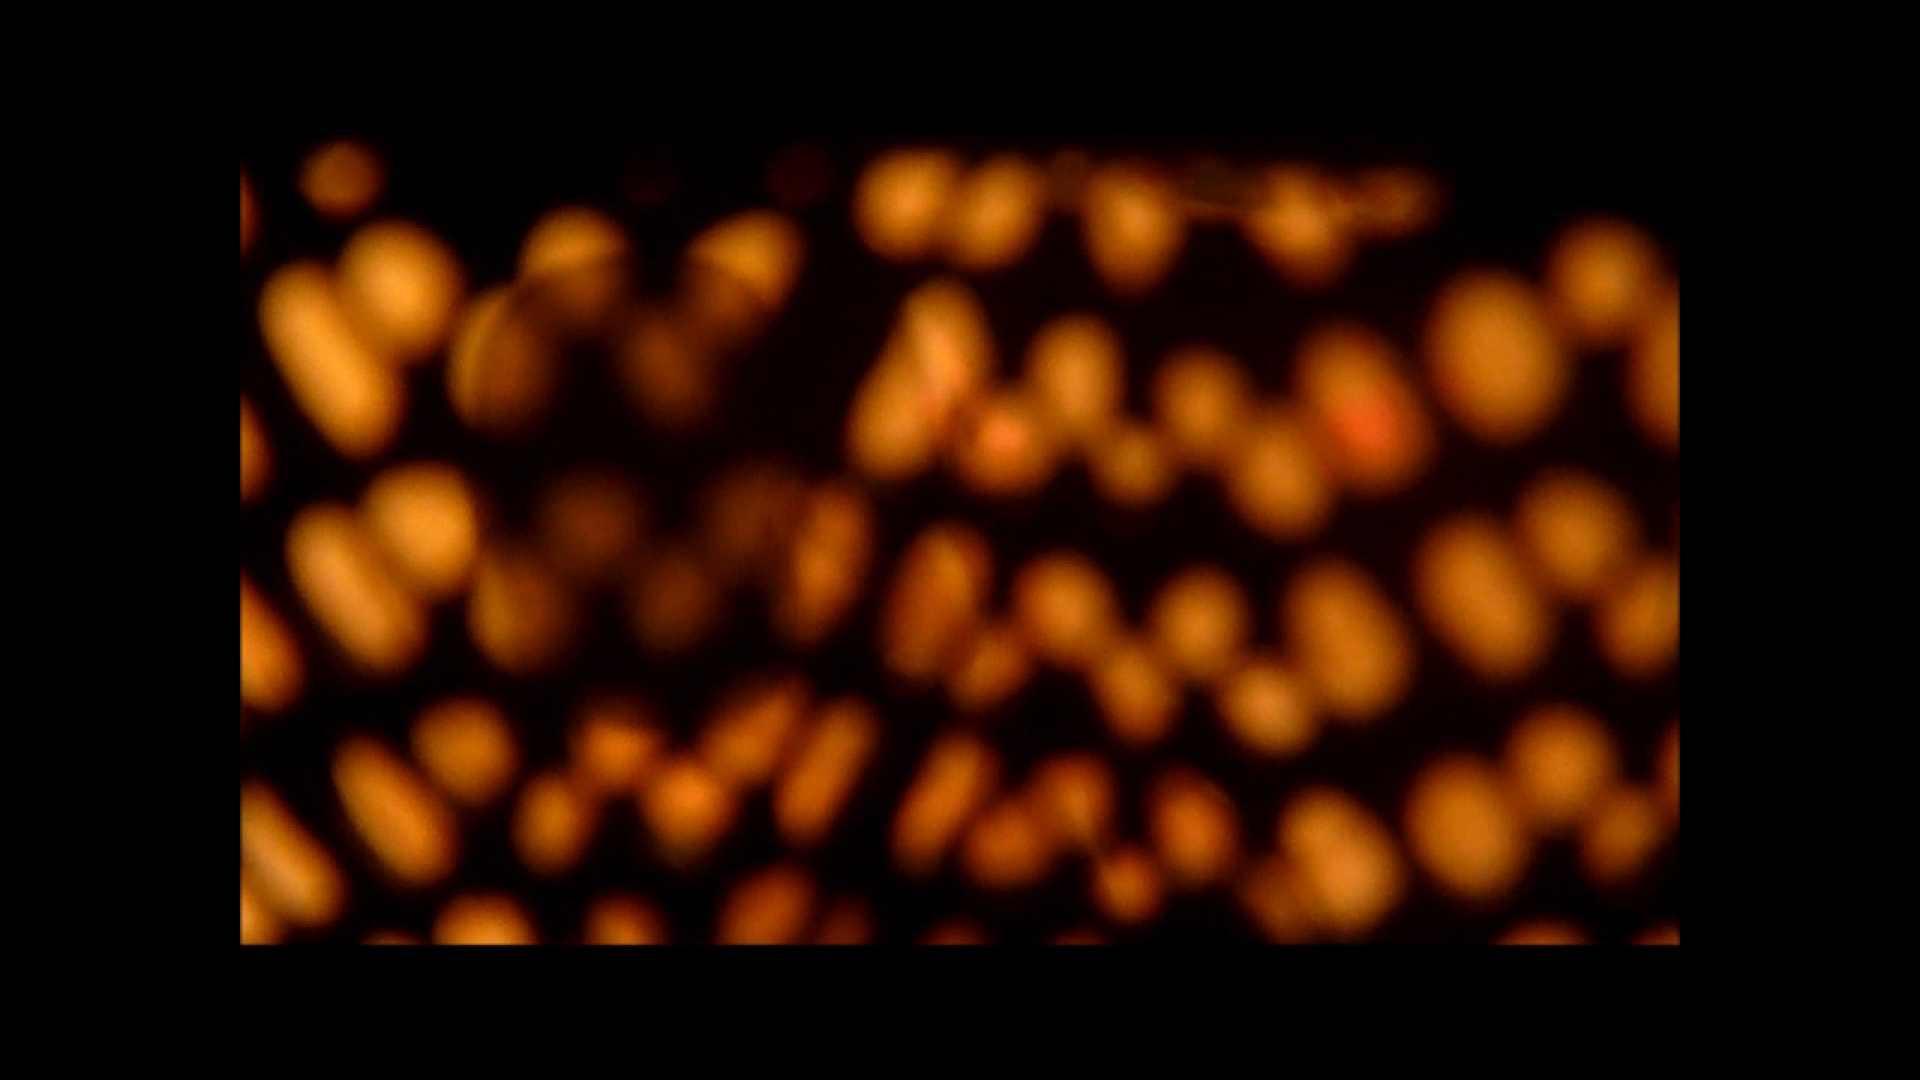 【02】ベランダに侵入して張り込みを始めて・・・やっと結果が出ました。 家宅侵入   0  107pic 57